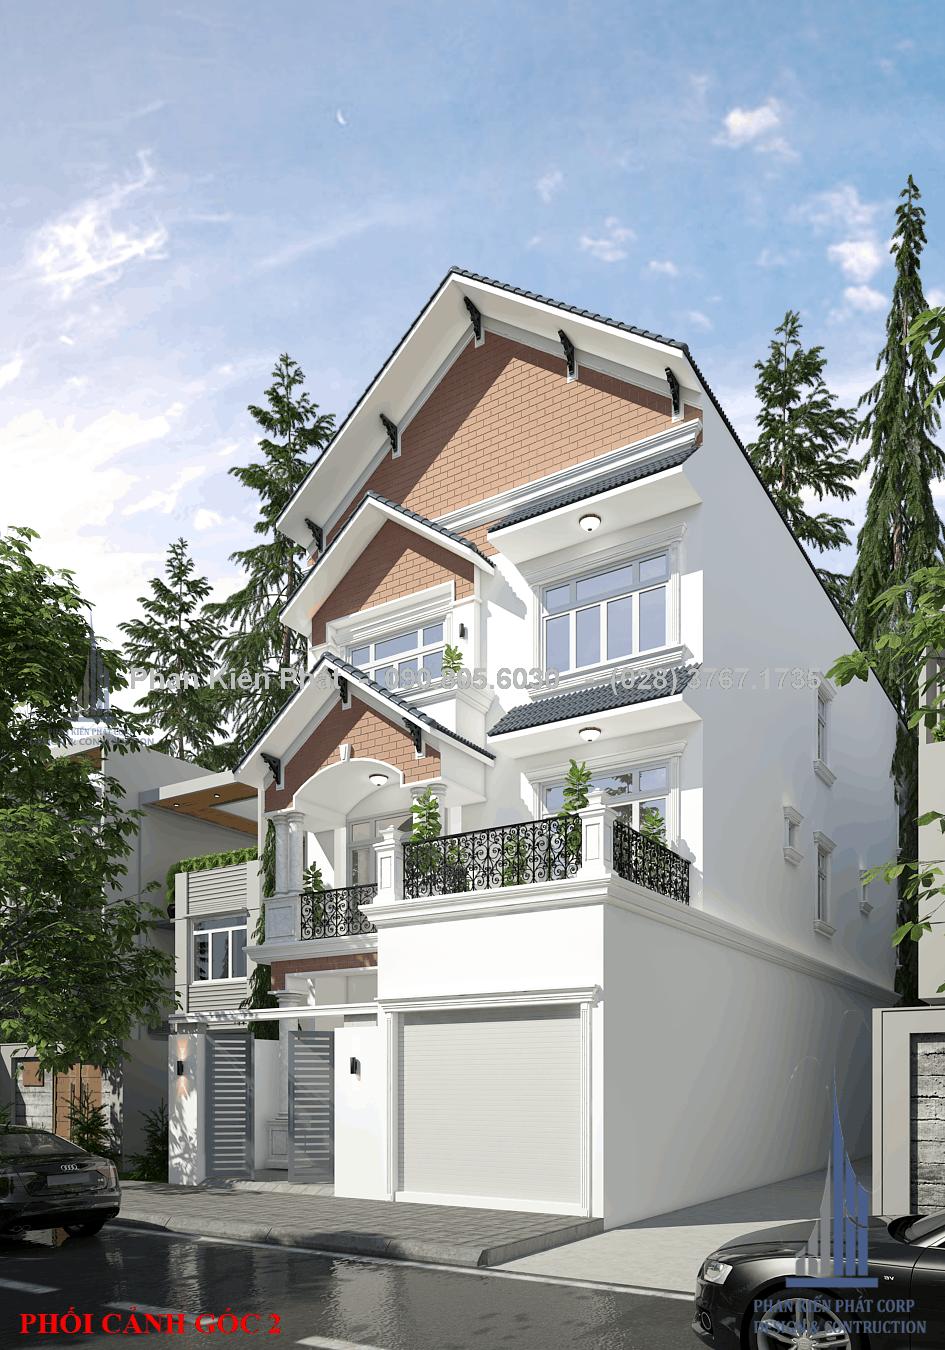 Phối cảnh mẫu nhà phố 1 trệt 2 lầu đẹp mái thái ngang 8m